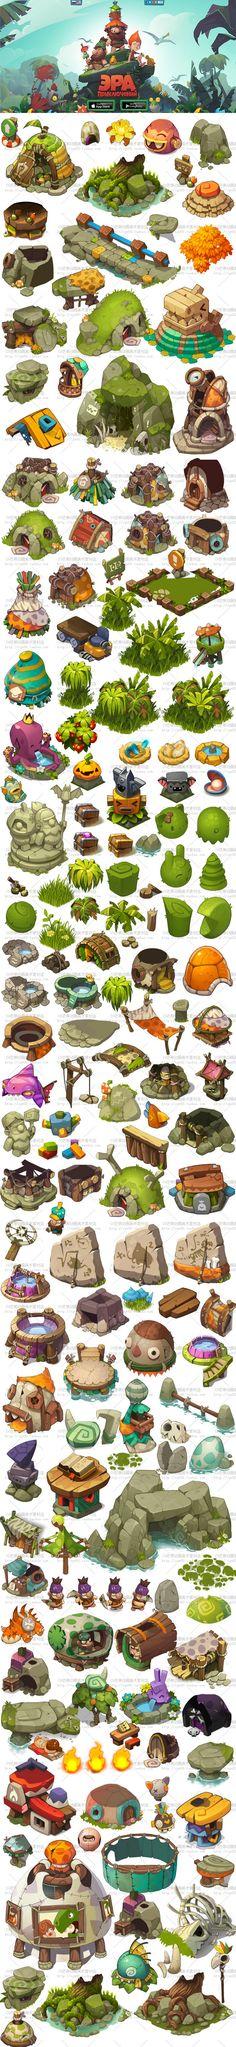 Spel van het oorspronkelijke schilderij scènes materiële middelen 2D resource leuke kaart ...